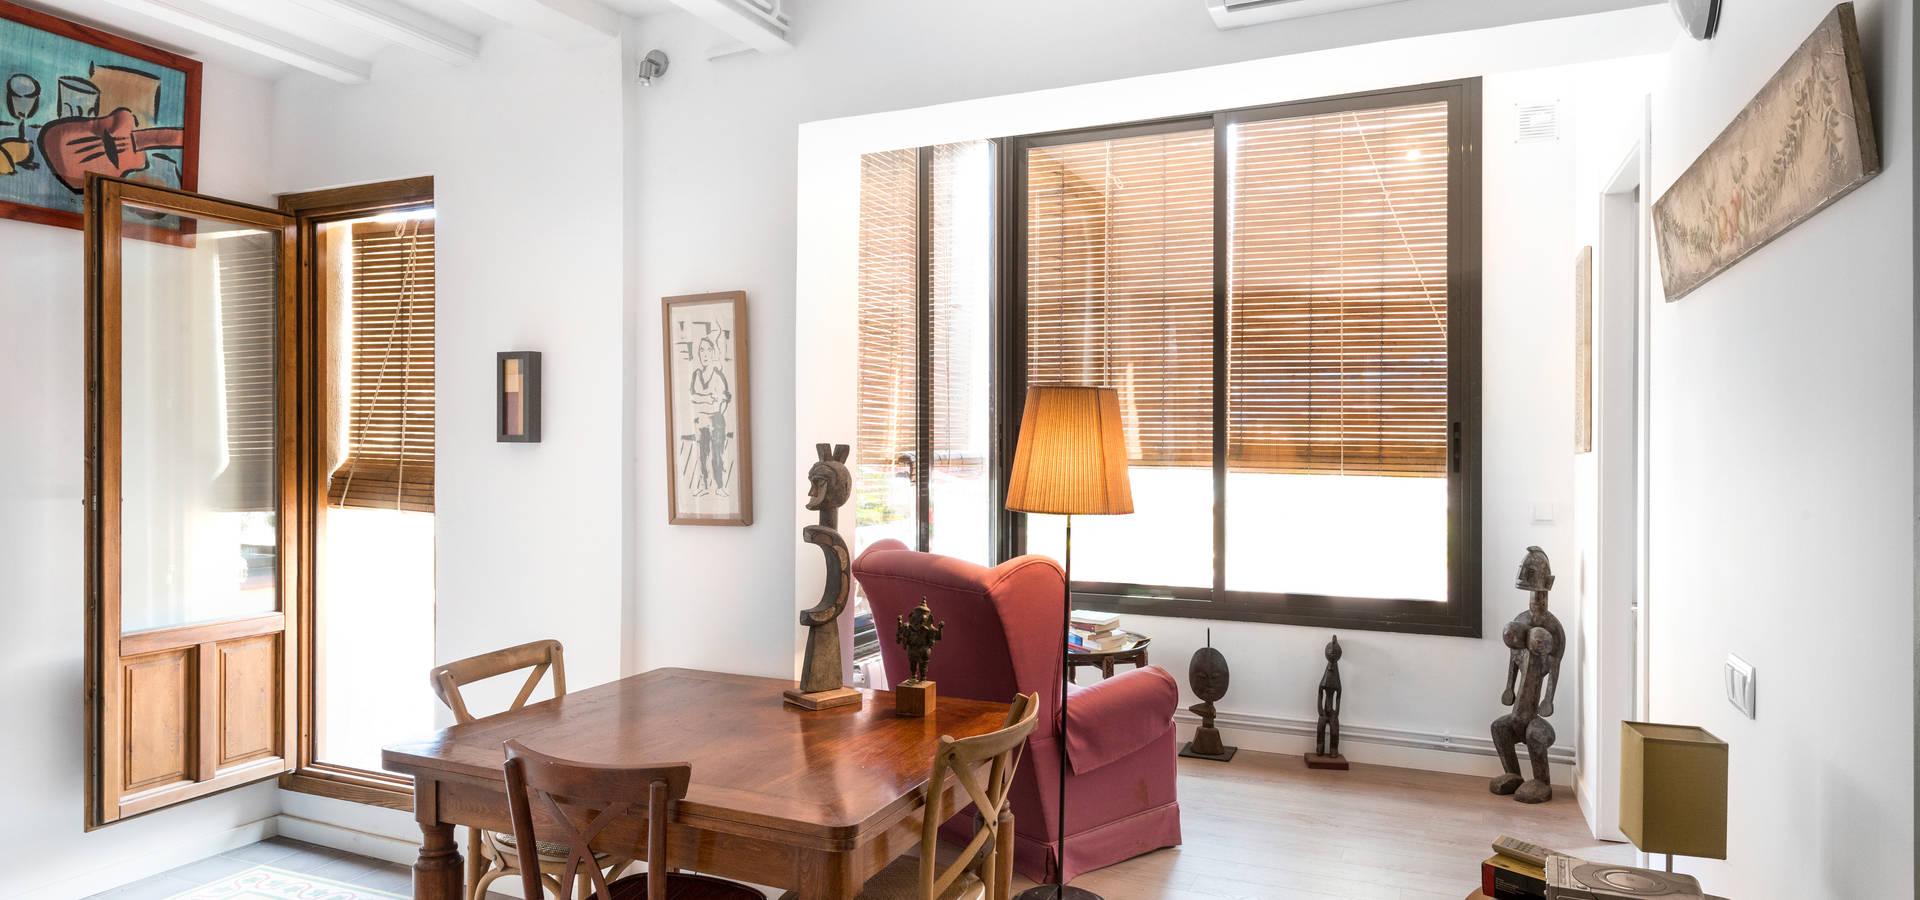 Mu estudio arquitectura profesjonali ci w kategorii architekci w miejscowo ci barcelona homify - Estudio arquitectura barcelona ...